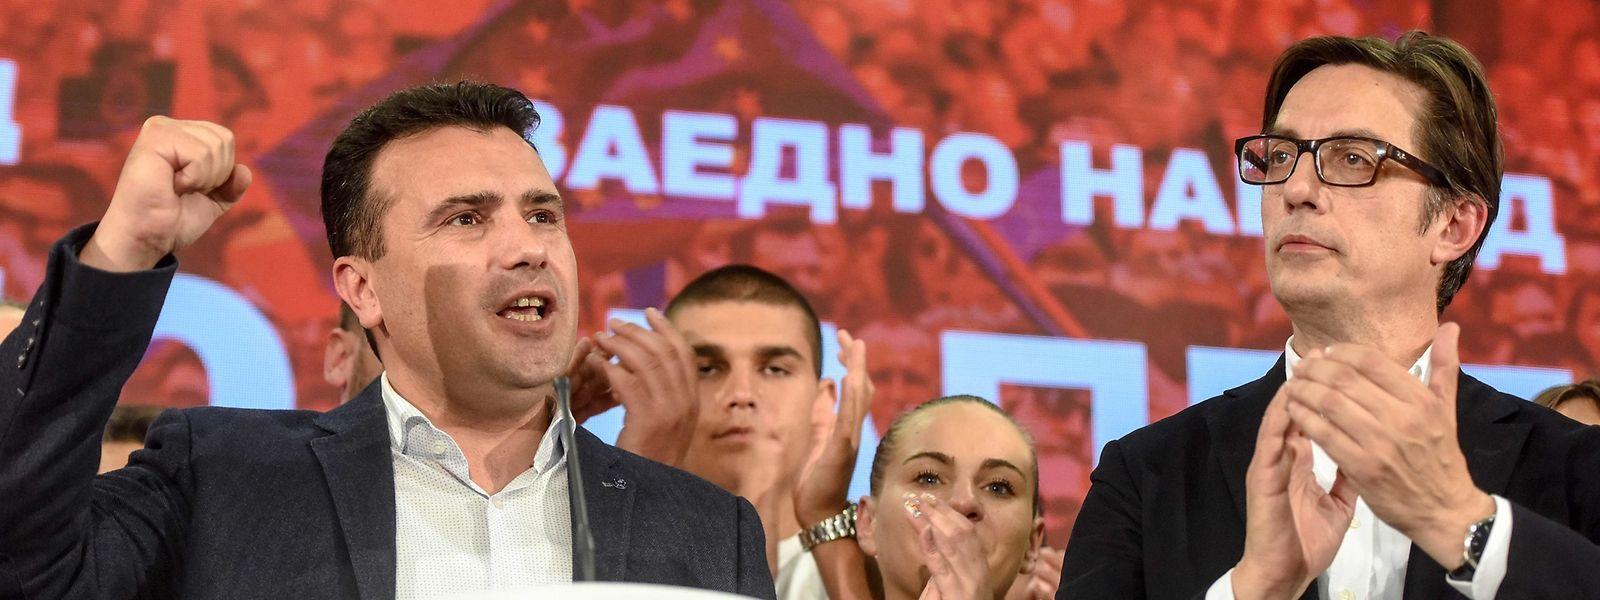 Der Jurist und Politologe Pendarovski (rechts) tritt die Nachfolge des mit der VMRO-DPMNE verbundenen Djordje Ivanov an.